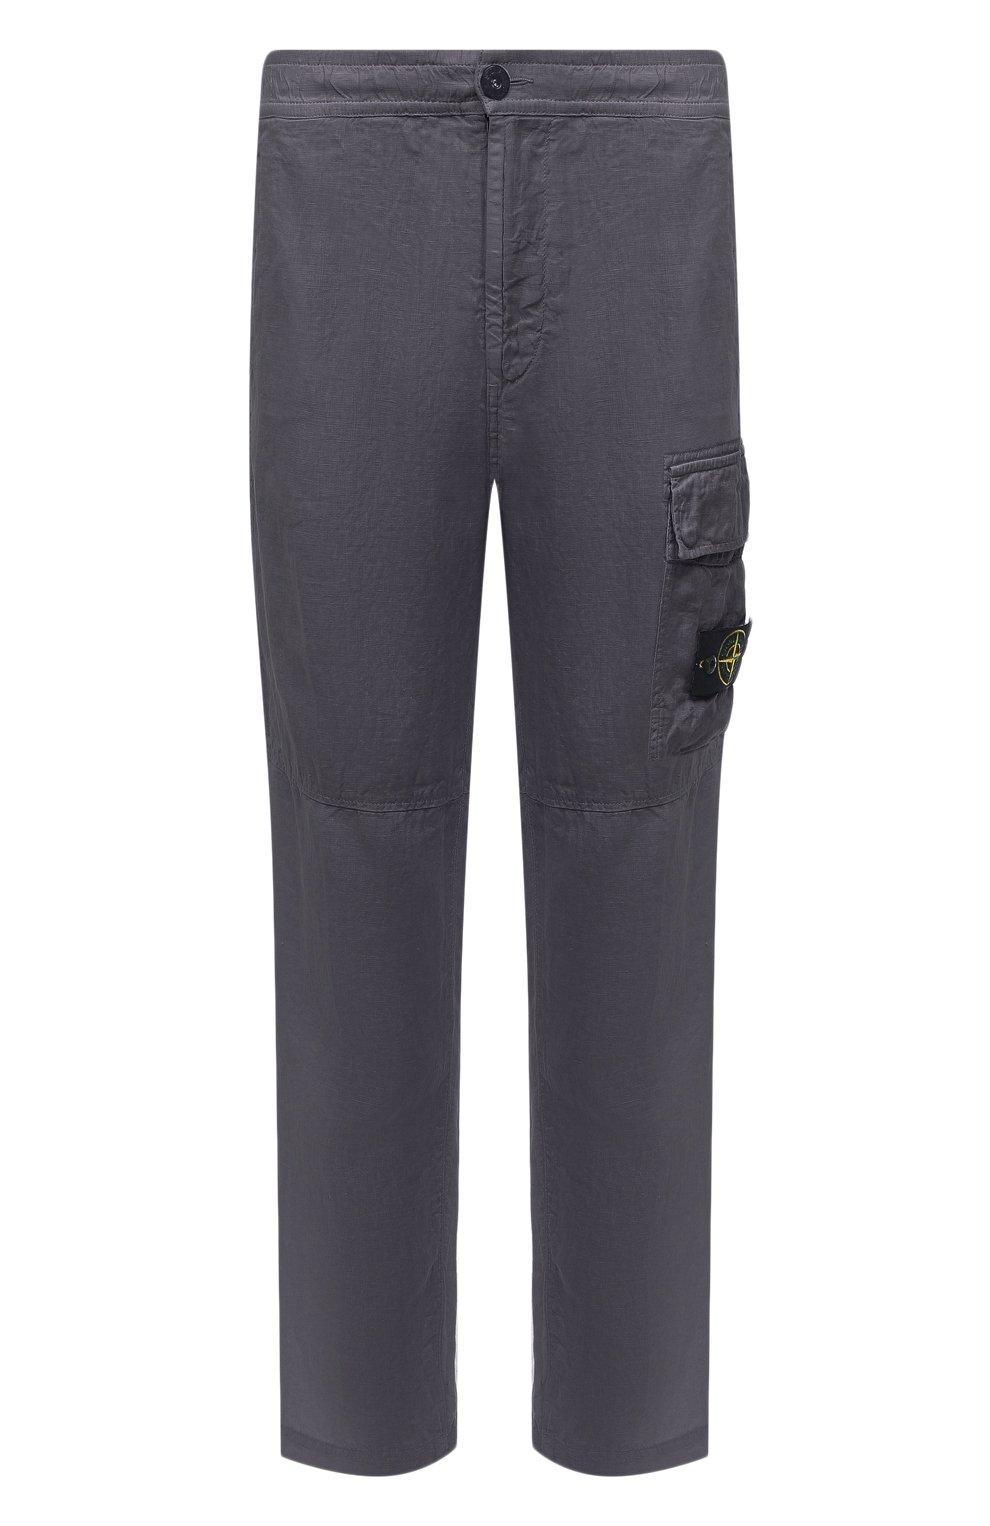 Мужские льняные брюки-карго STONE ISLAND серого цвета, арт. 741531601   Фото 1 (Силуэт М (брюки): Карго; Длина (брюки, джинсы): Стандартные; Случай: Повседневный; Стили: Гранж; Материал внешний: Лен)